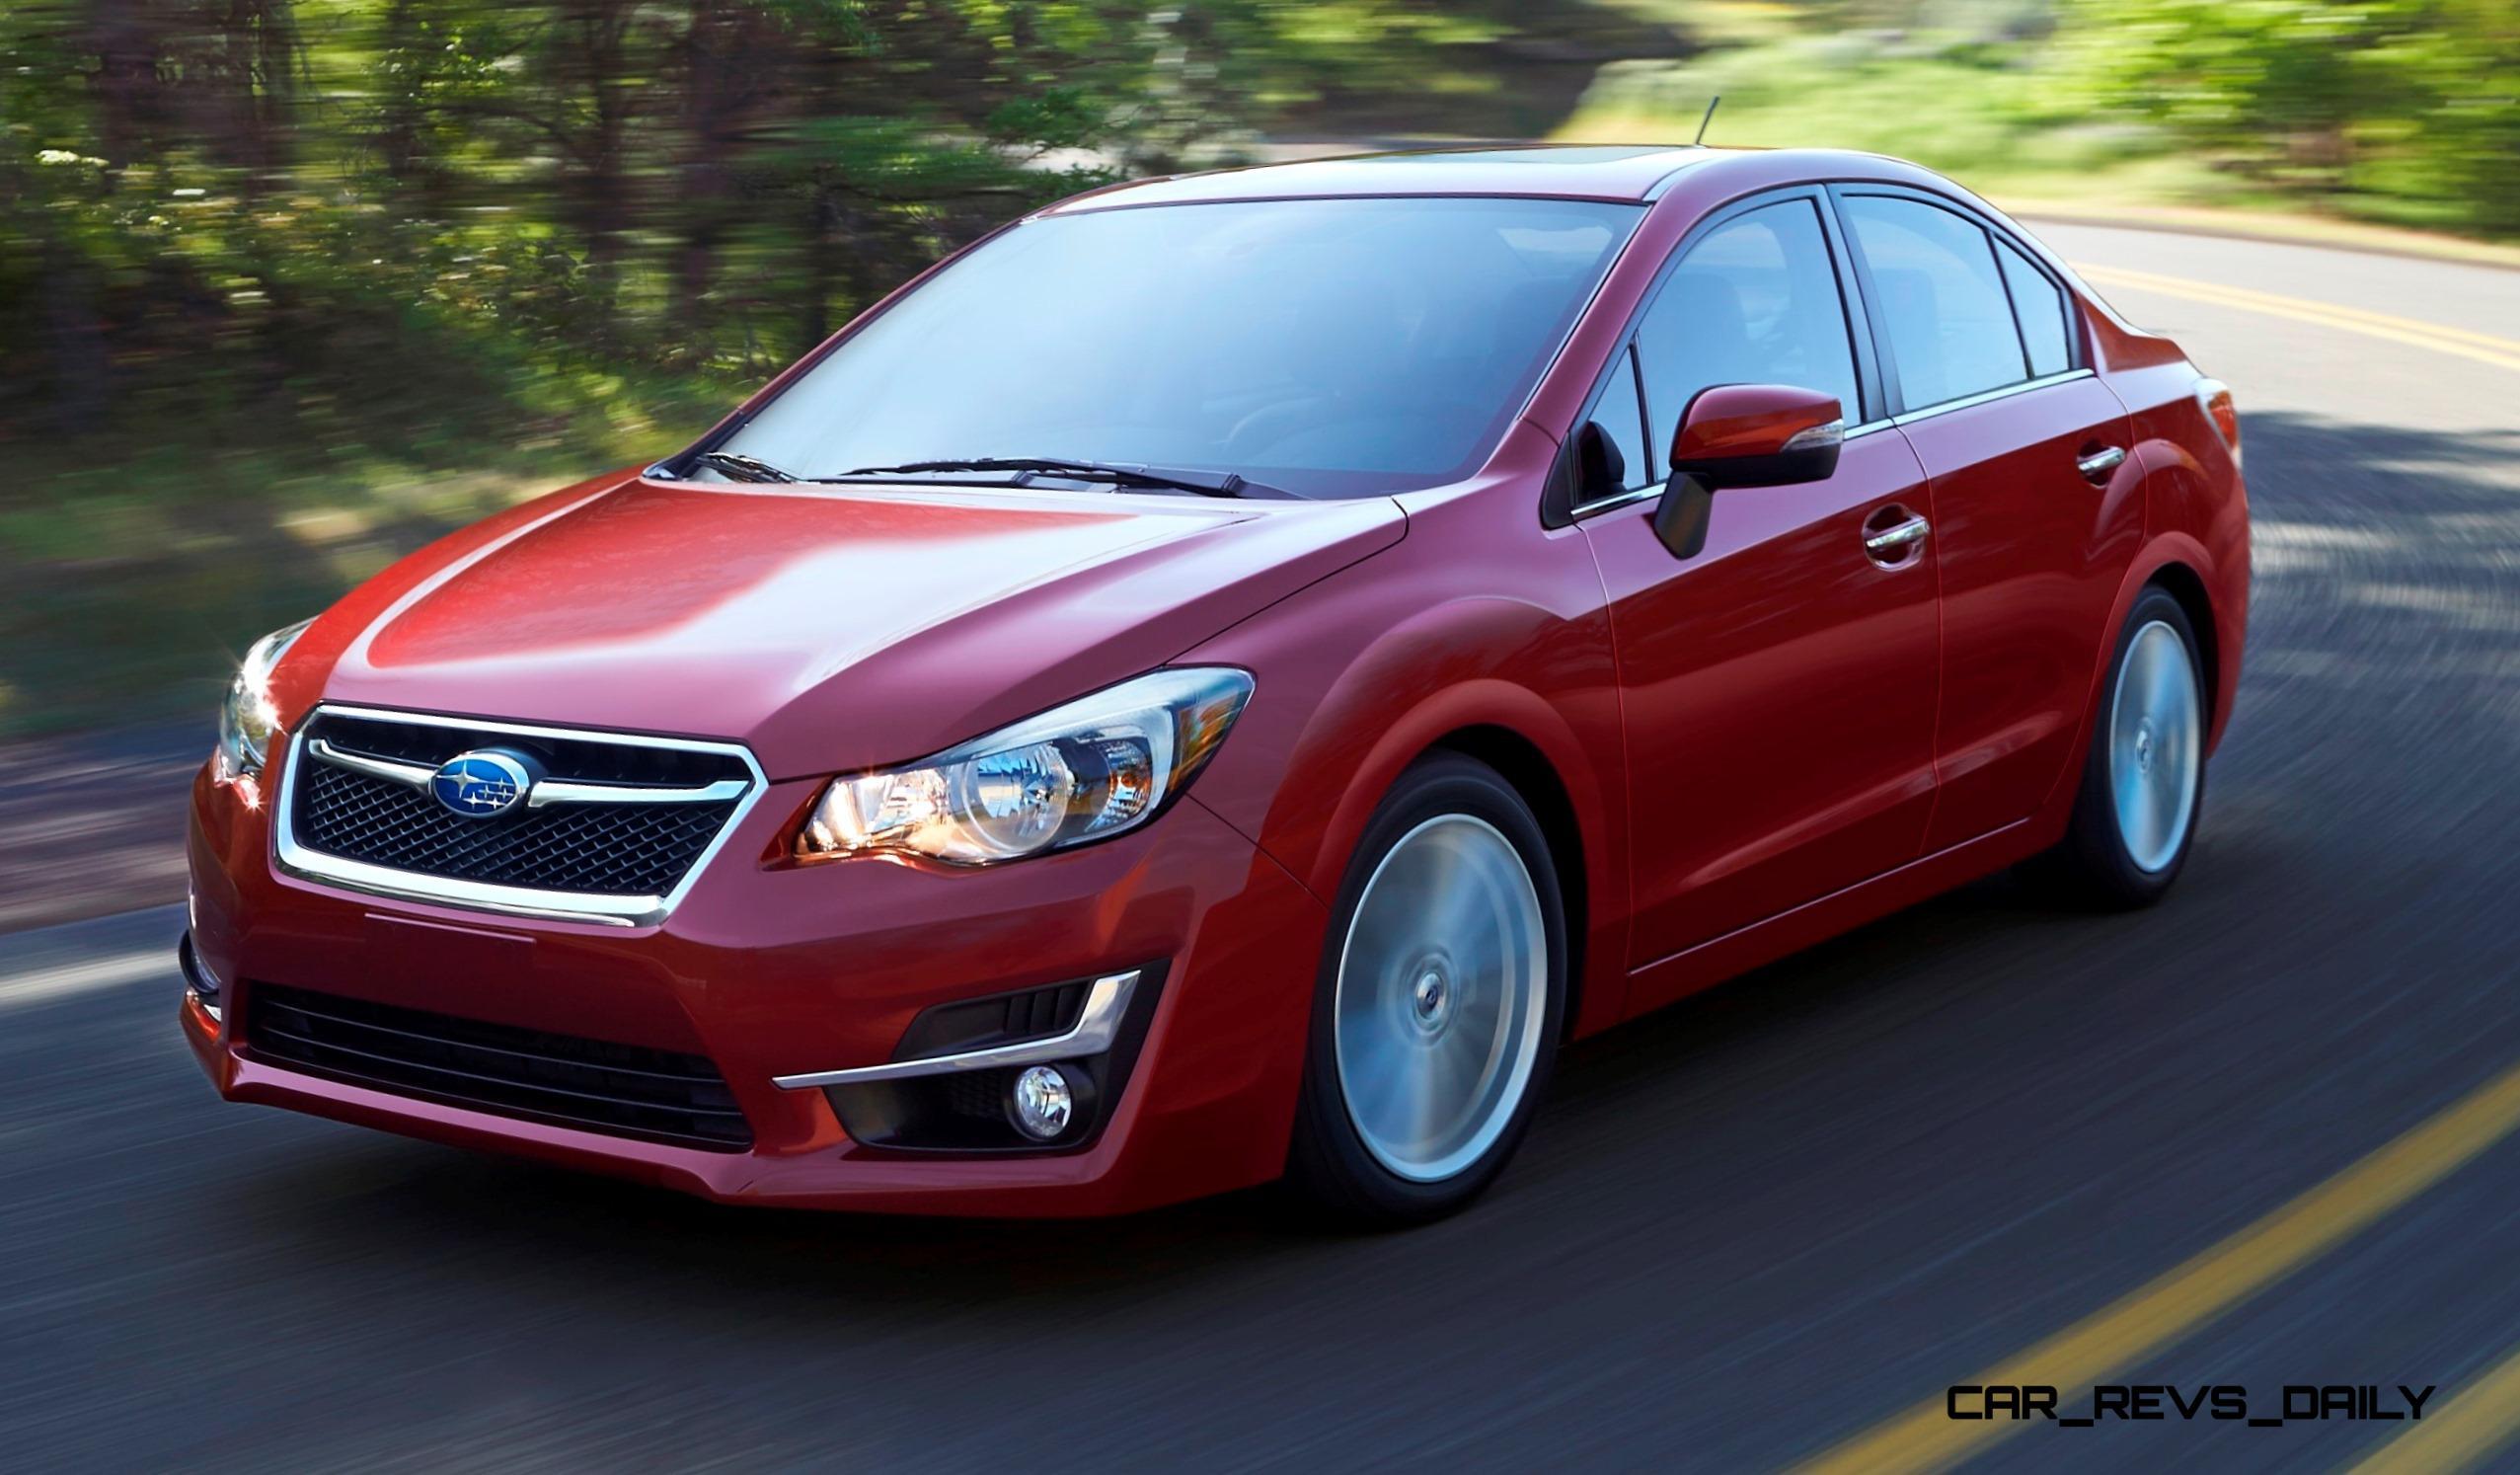 2015 Subaru Impreza Brings Fresh Nose Design New Lighting And Refined Interior Details Car Revs Daily Com